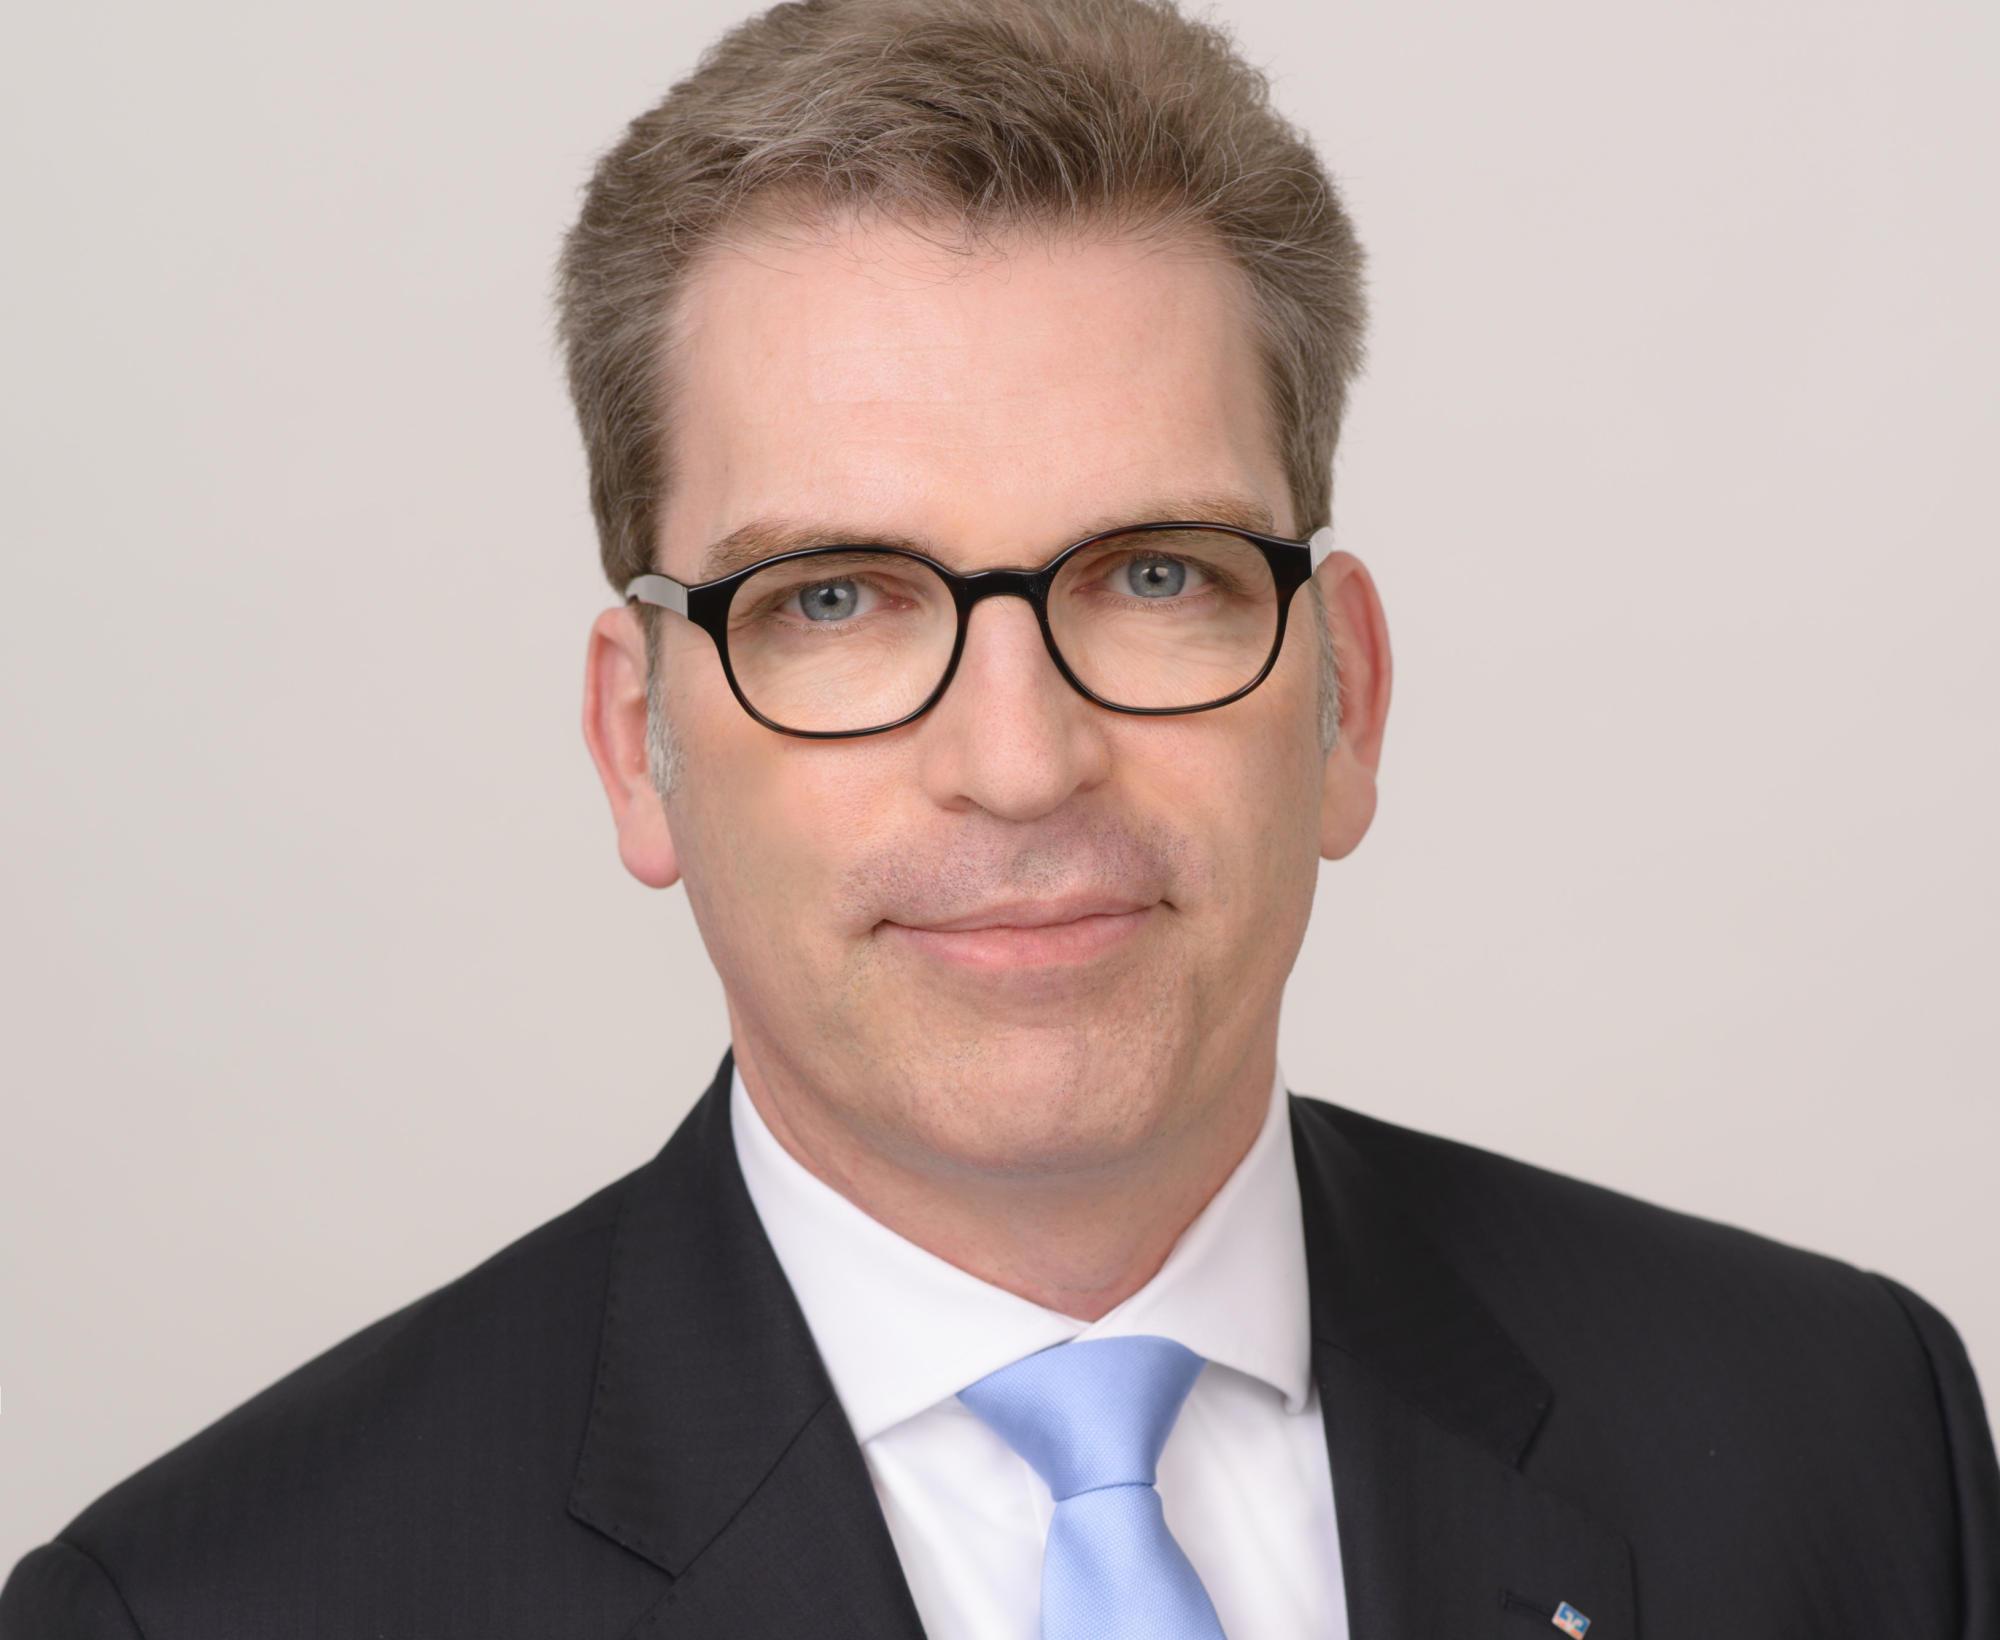 Carsten Jung, stellvertretender Vorstandsvorsitzender Berliner Volksbank eG Bild: Berliner Volksbank eG